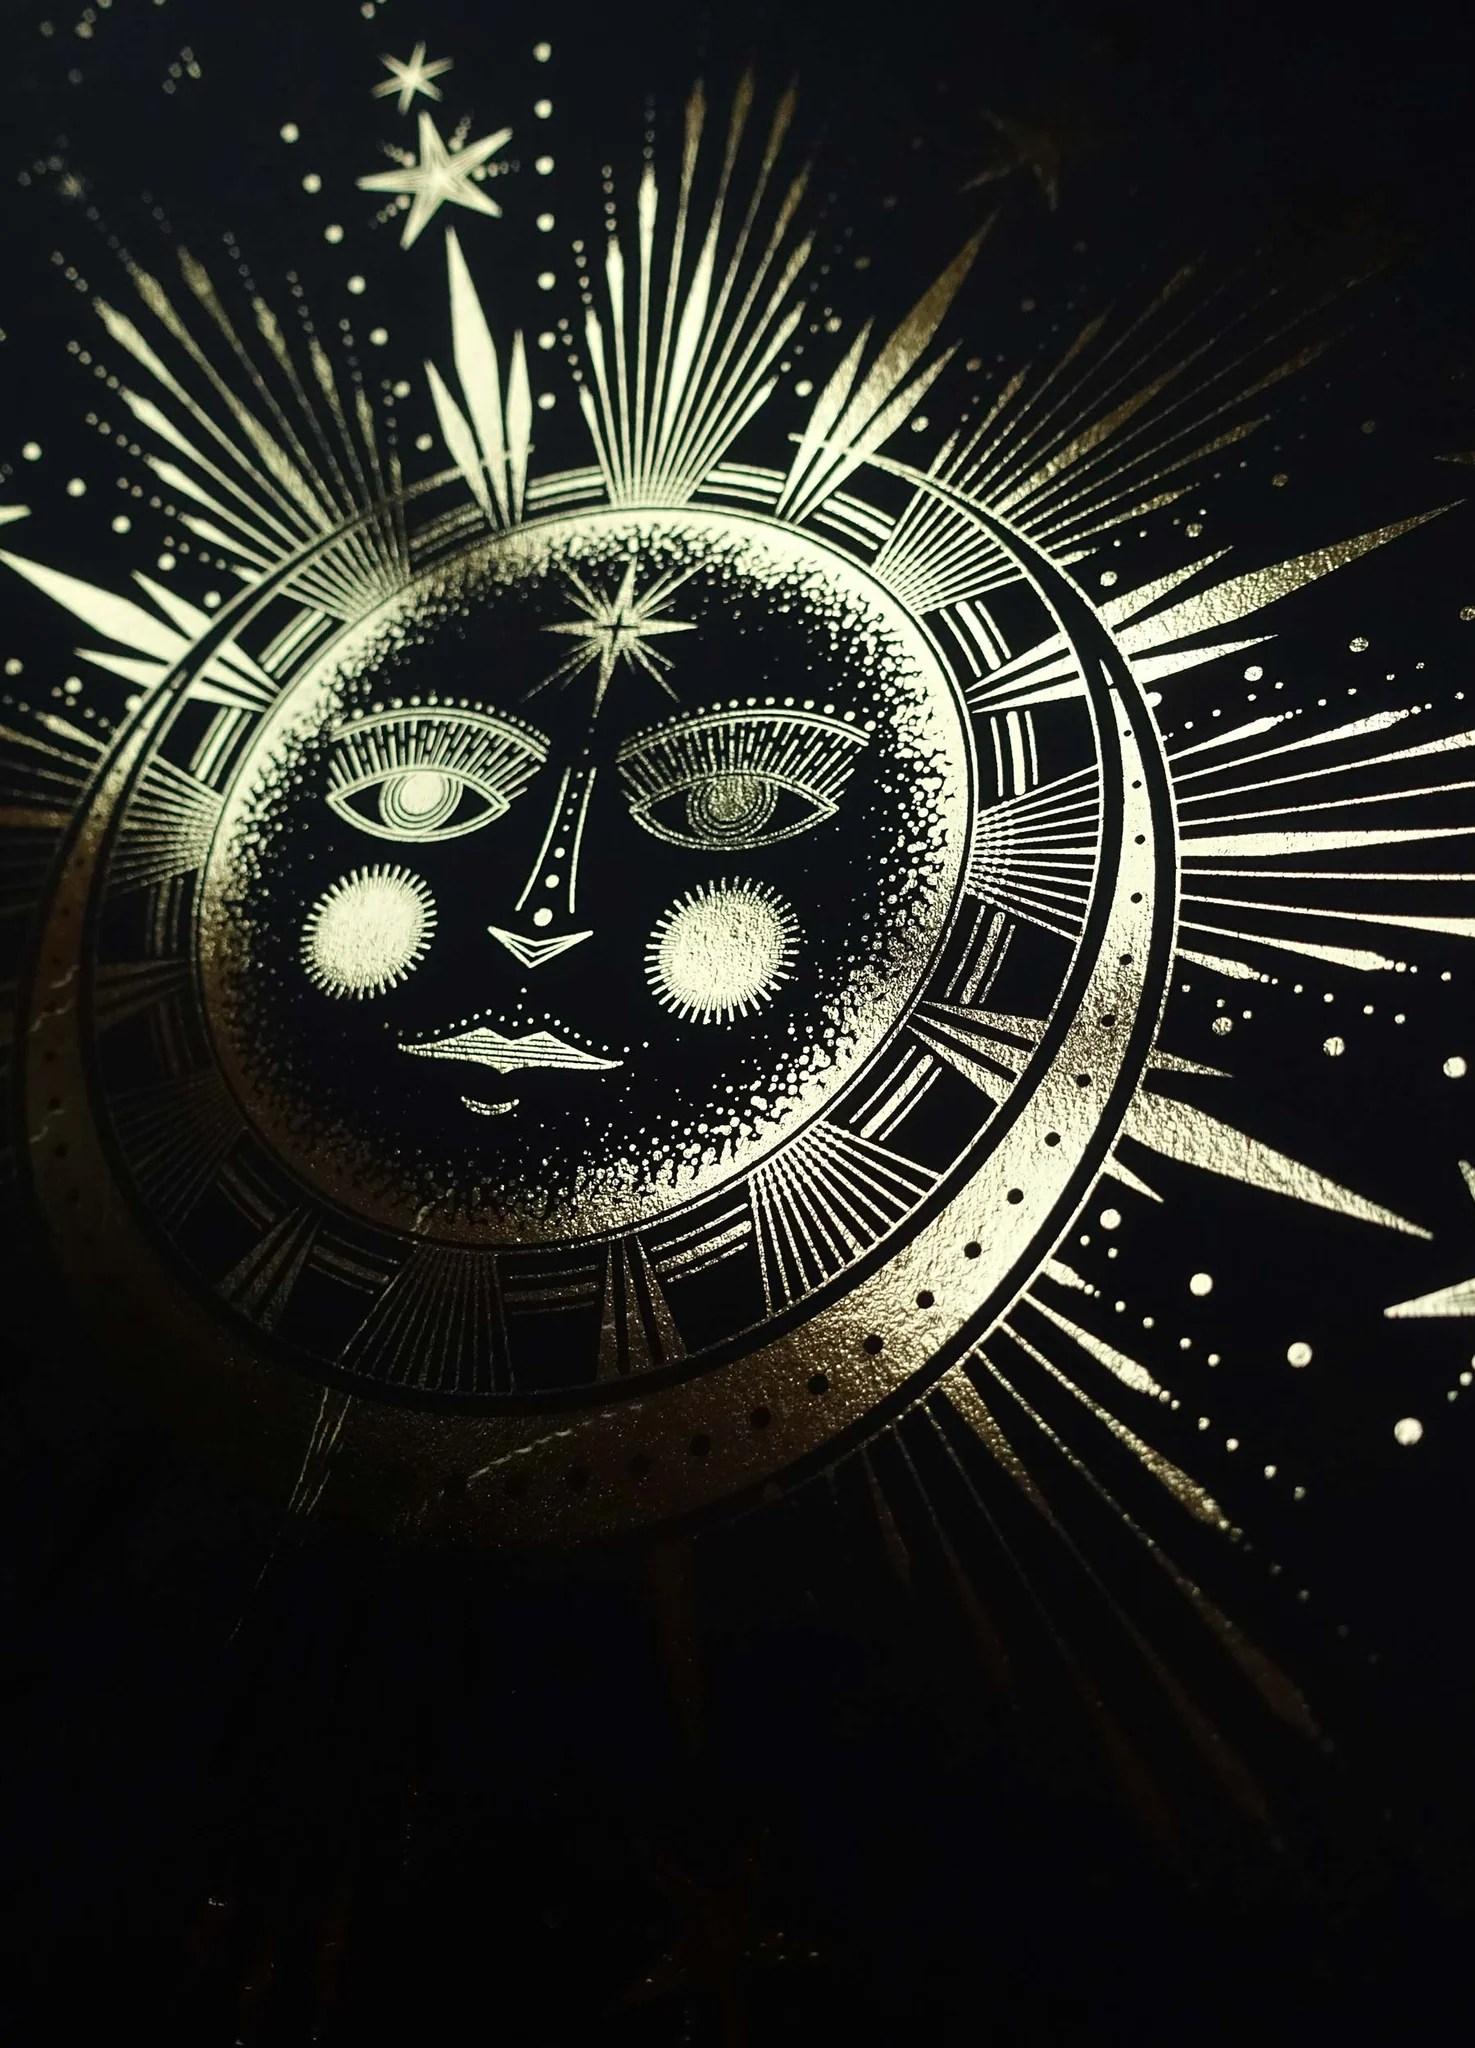 sun moon affair cocorrina